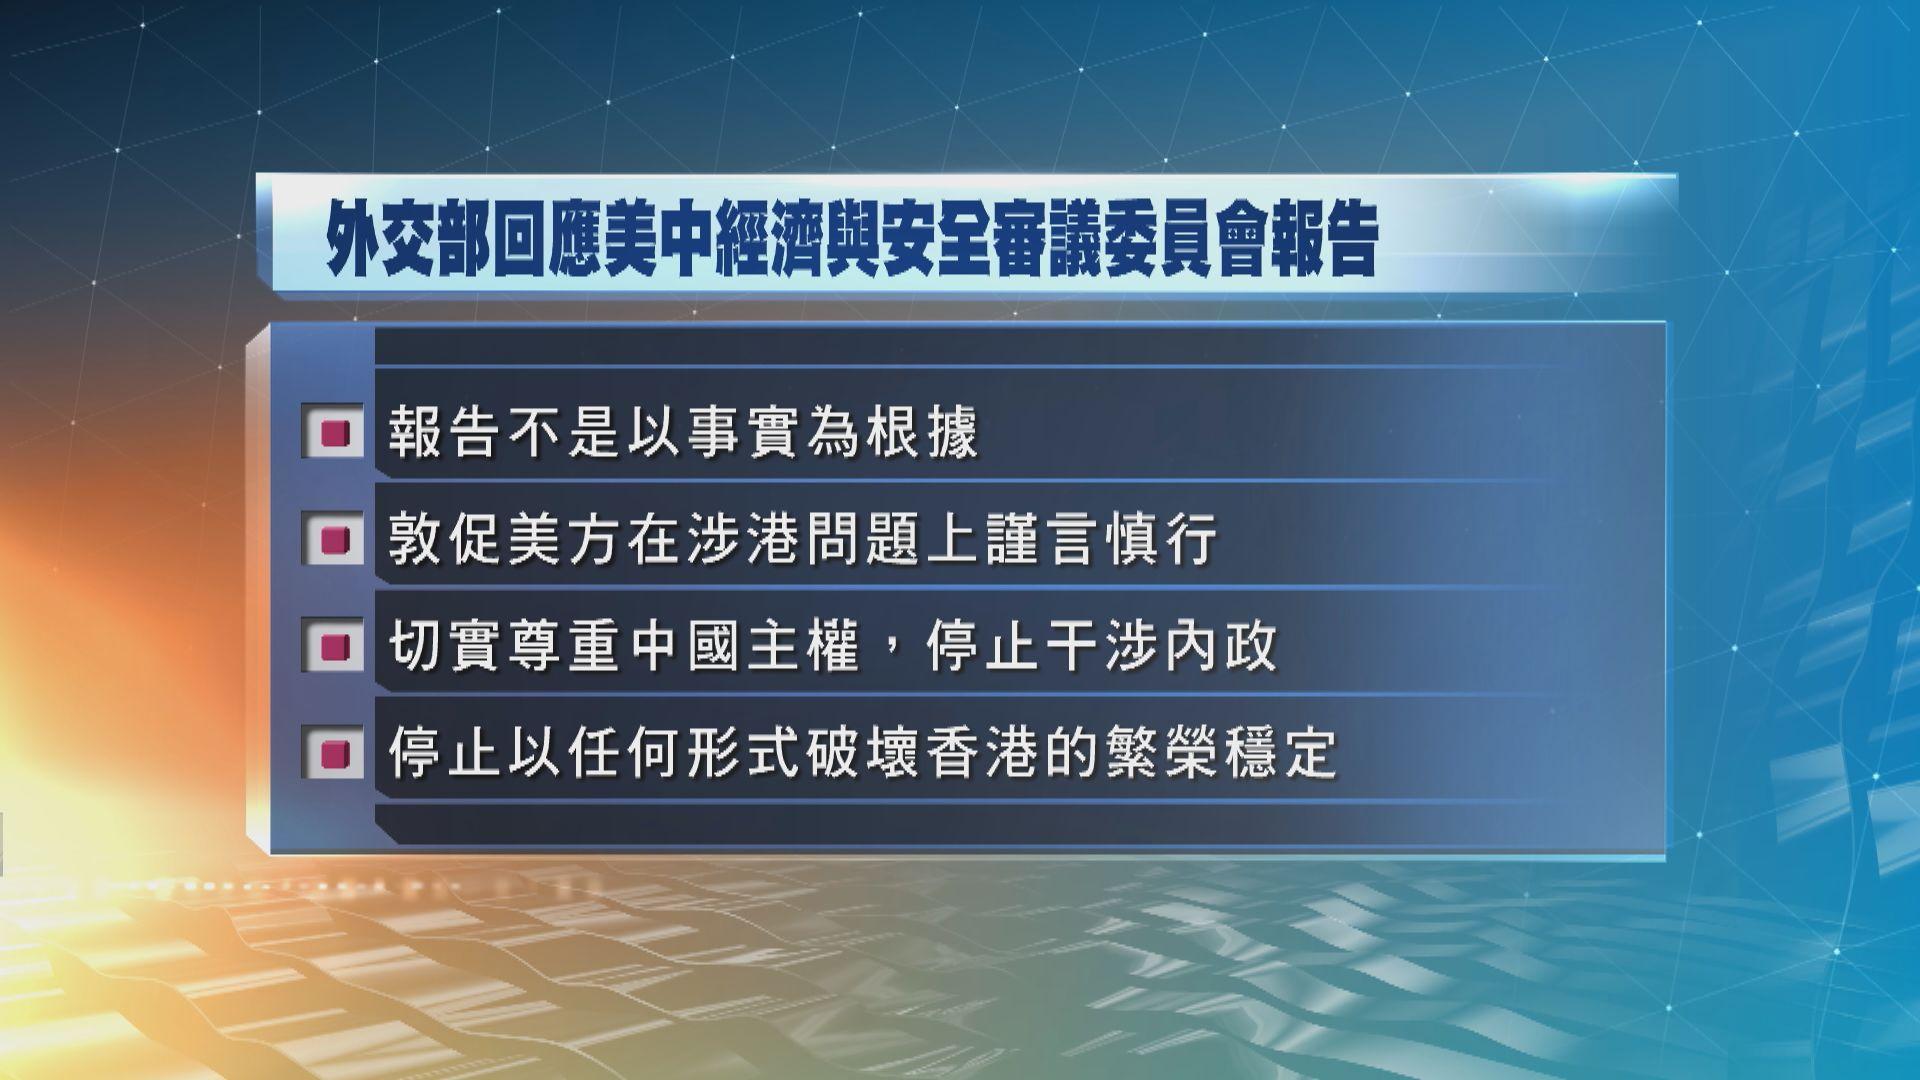 外交部促美方在涉港問題上謹言慎行